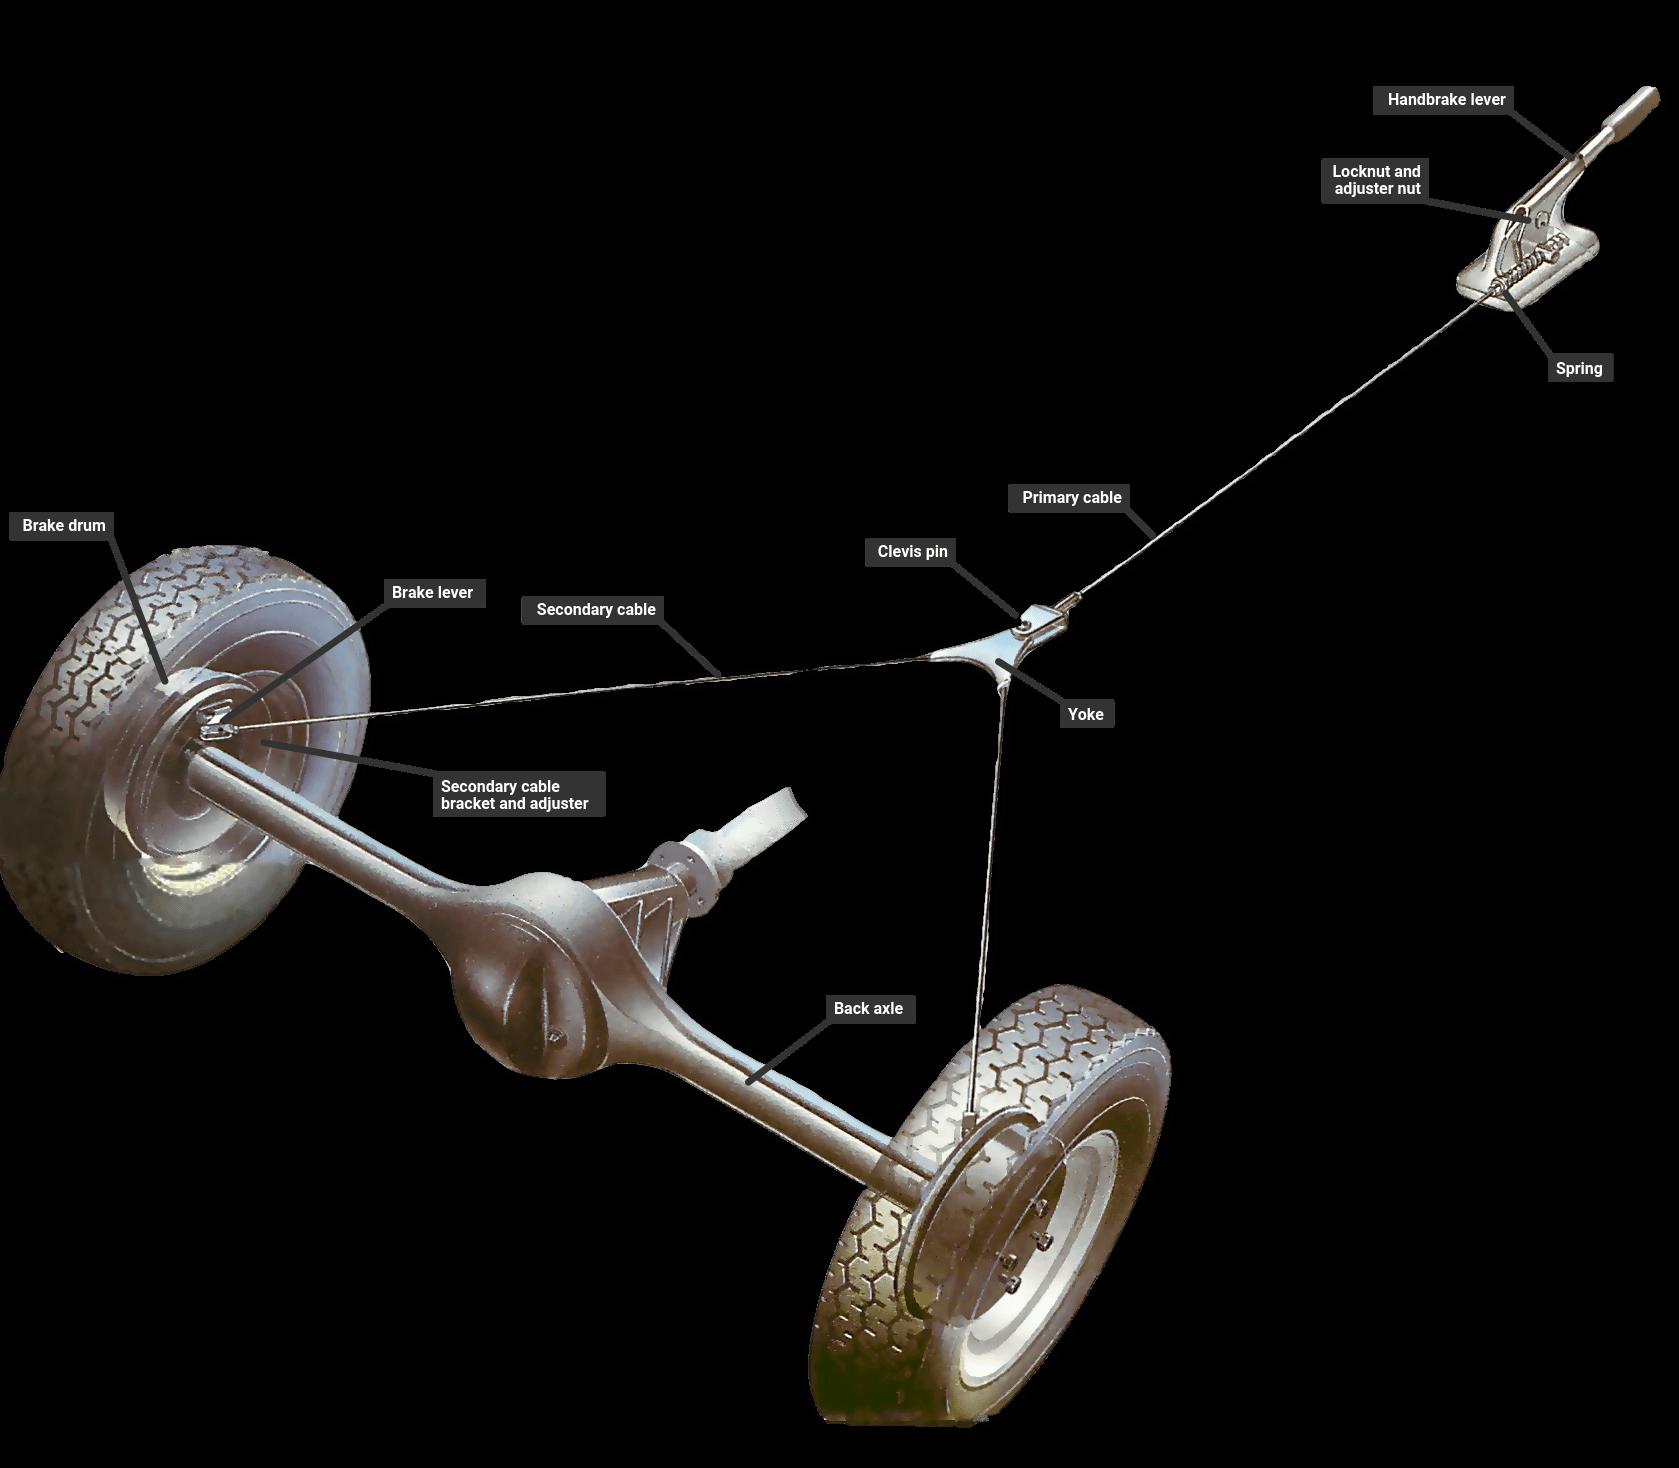 Parking Brake Cable Adjustment Nuts